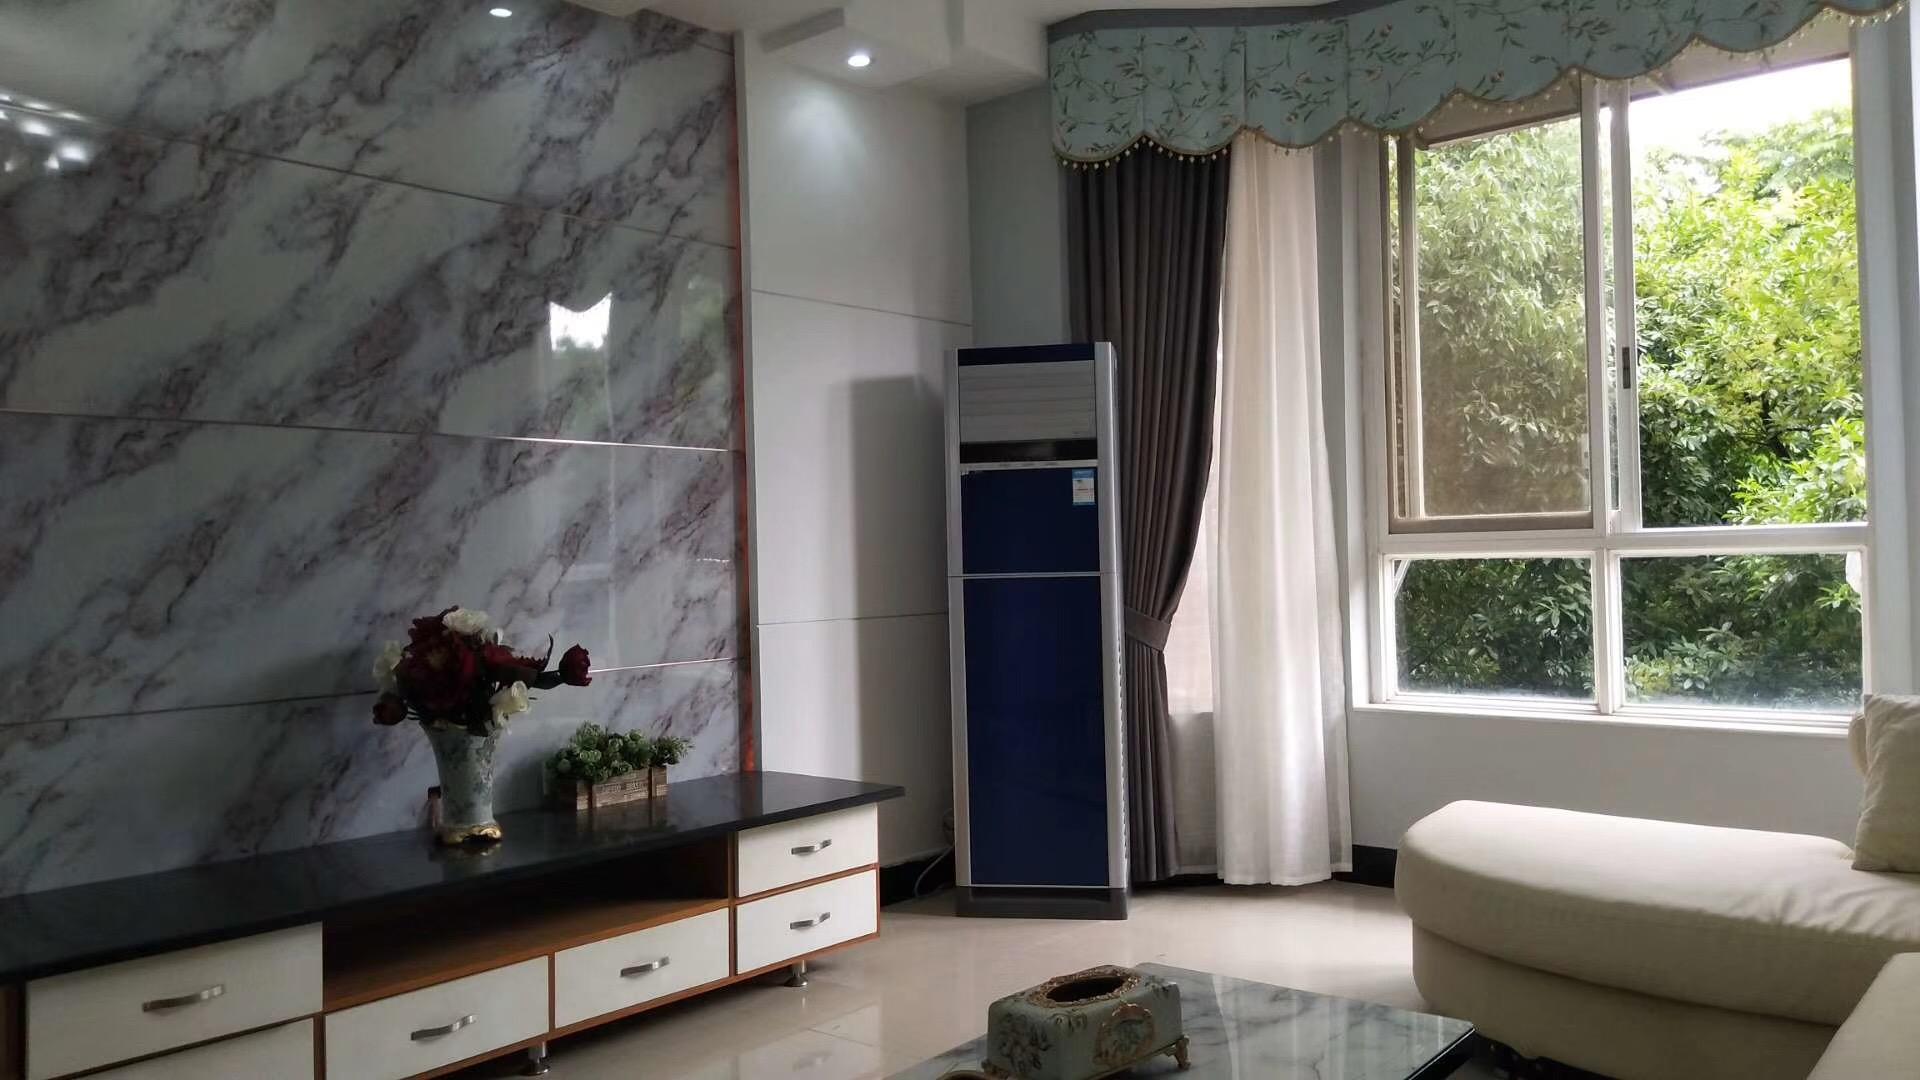 娄底130平米地中海风格客厅电视背景墙